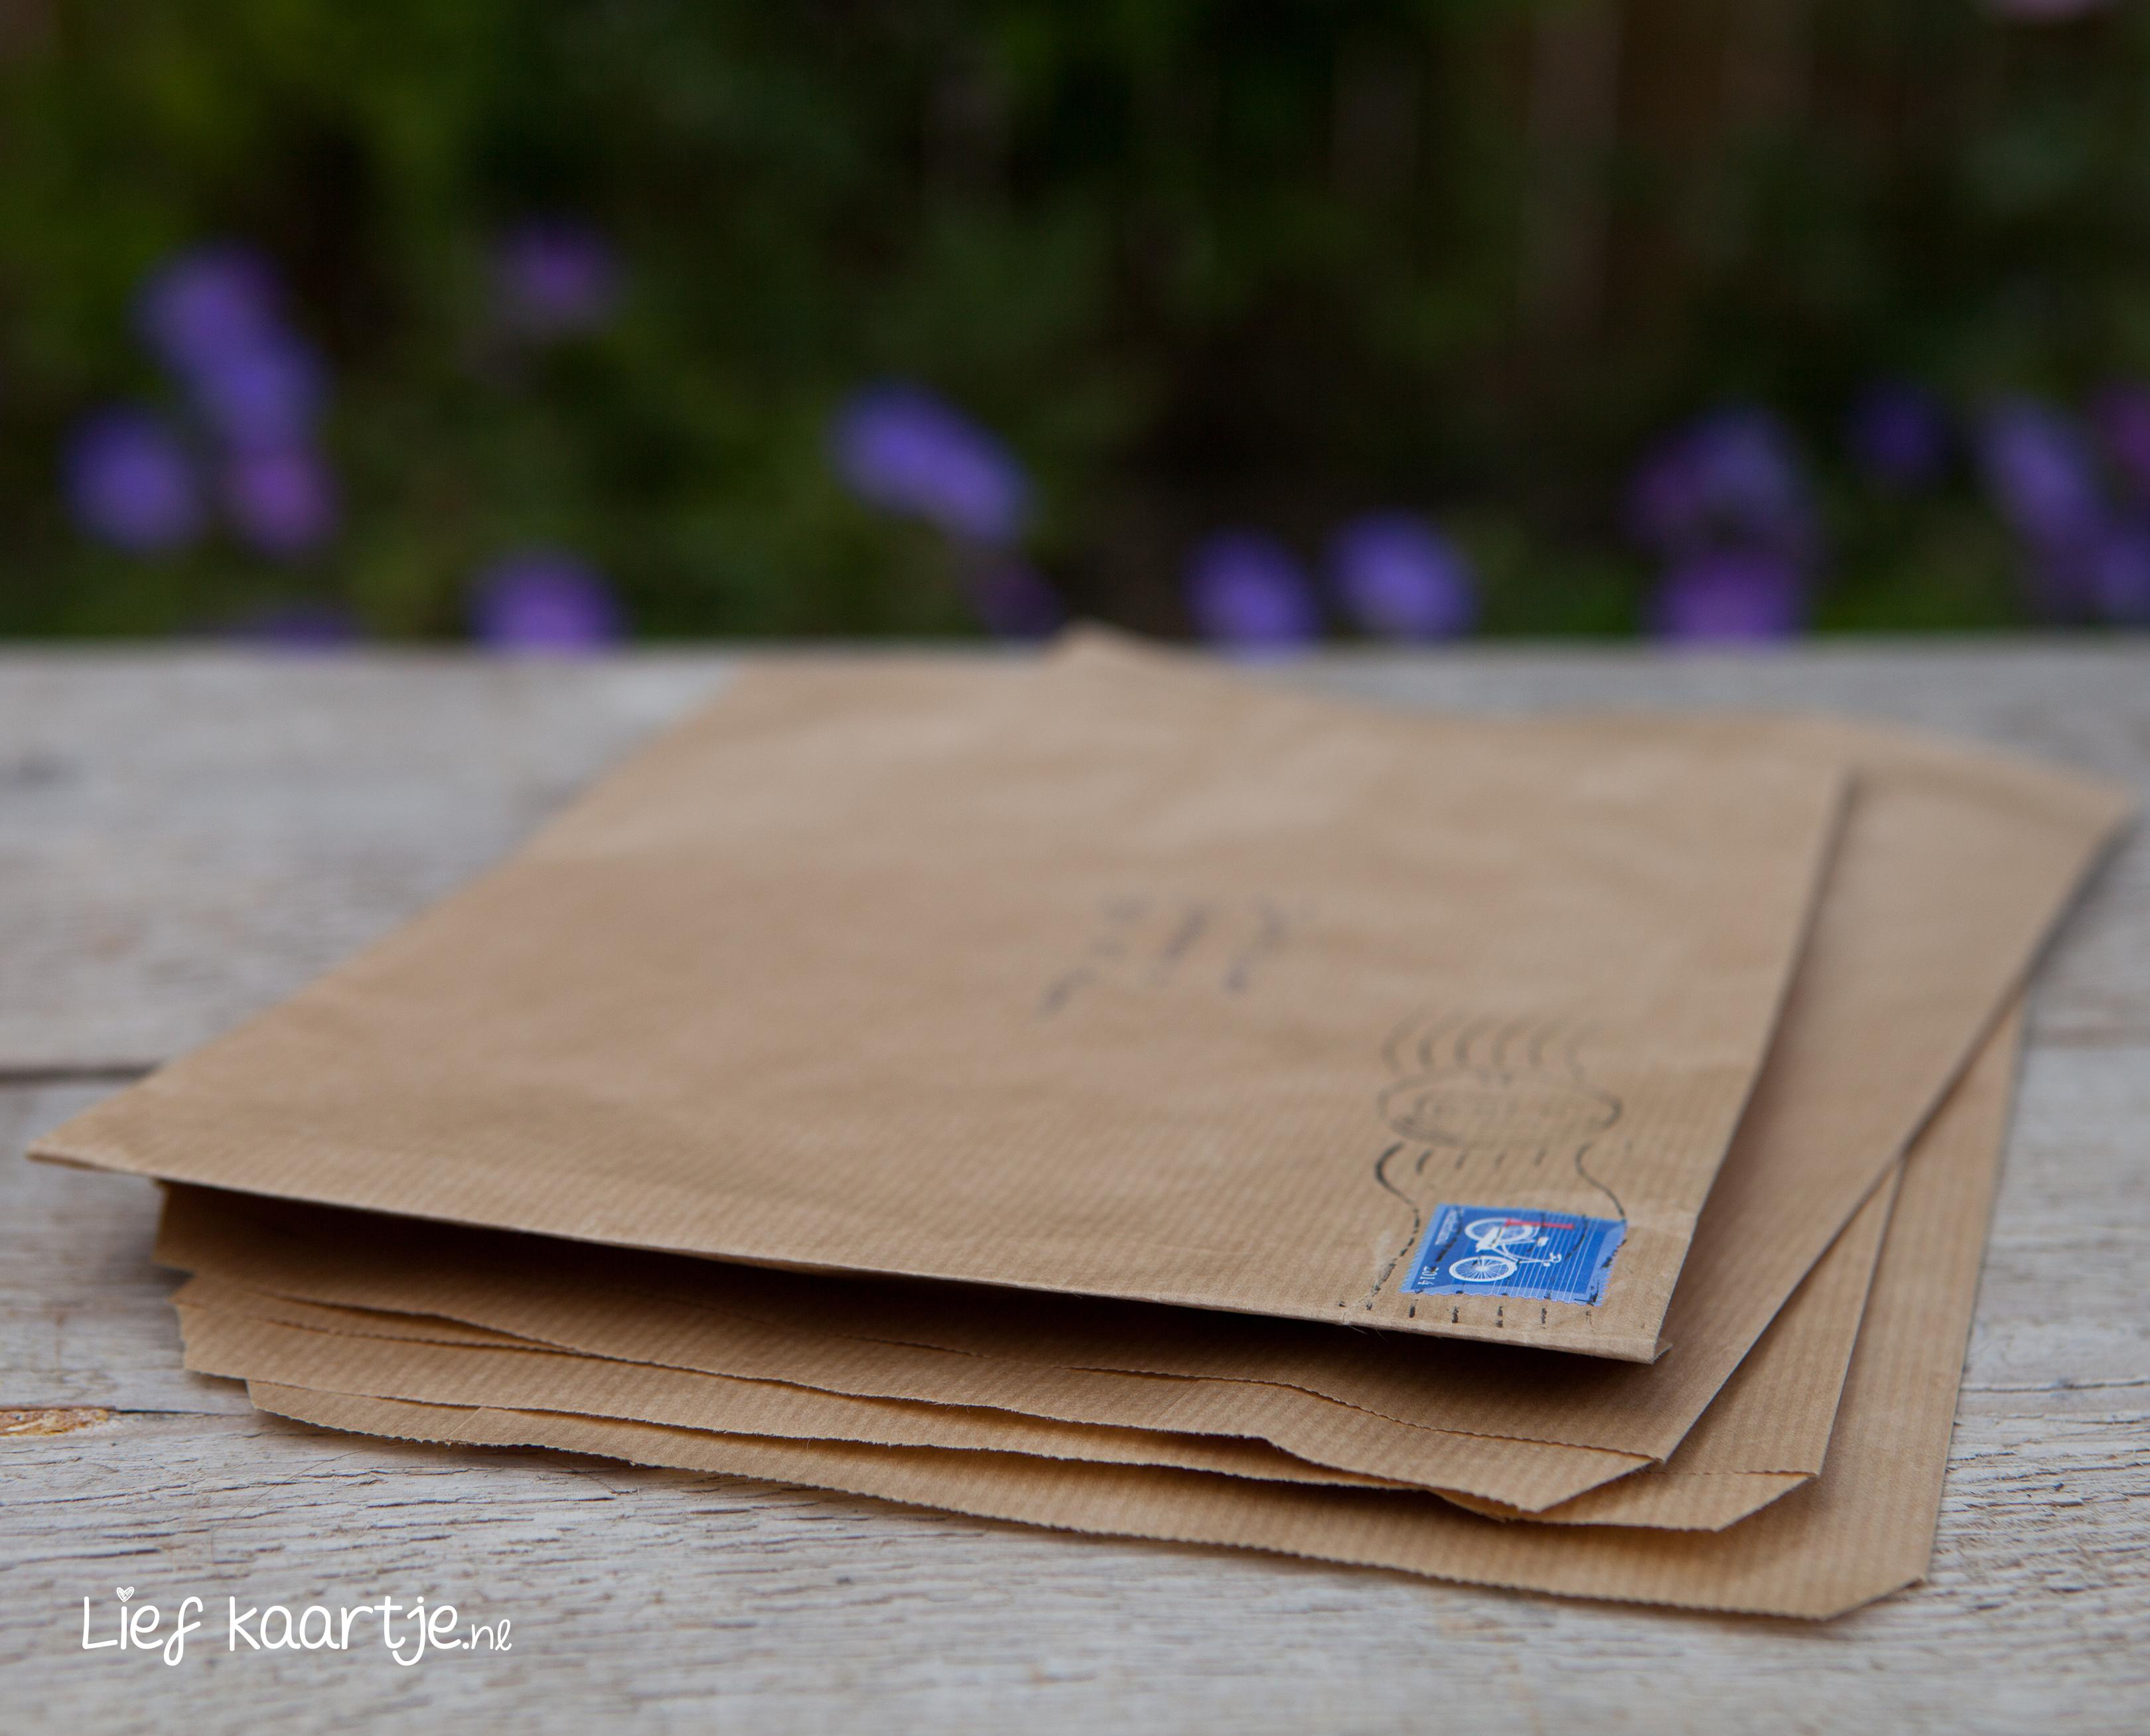 Deze A5 trouwkaart past precies in een kraft zakje. Je kunt ze gebruiken om je trouwkaart in te versturen. De kraft zakjes zijn € 0,30 cent per stuk en kun je mee bestellen in het bestel proces. title=TIP: